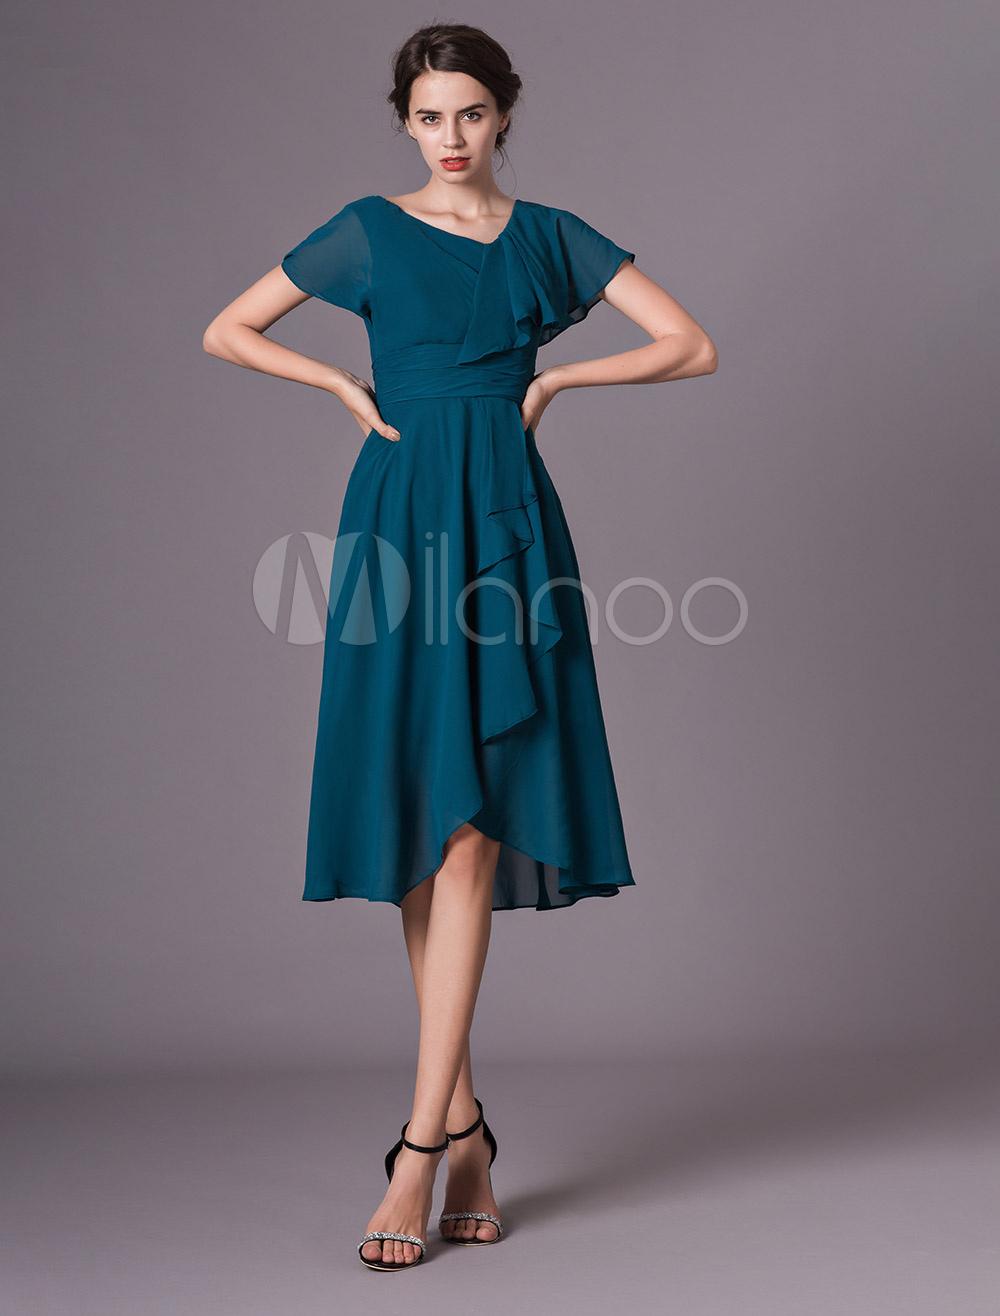 brautmutterkleider a-linie- abendkleider für hochzeit chiffon kleider für  hochzeitsgäste tintenblau kurzarm v-ausschnitt mit unsymmetrischem design